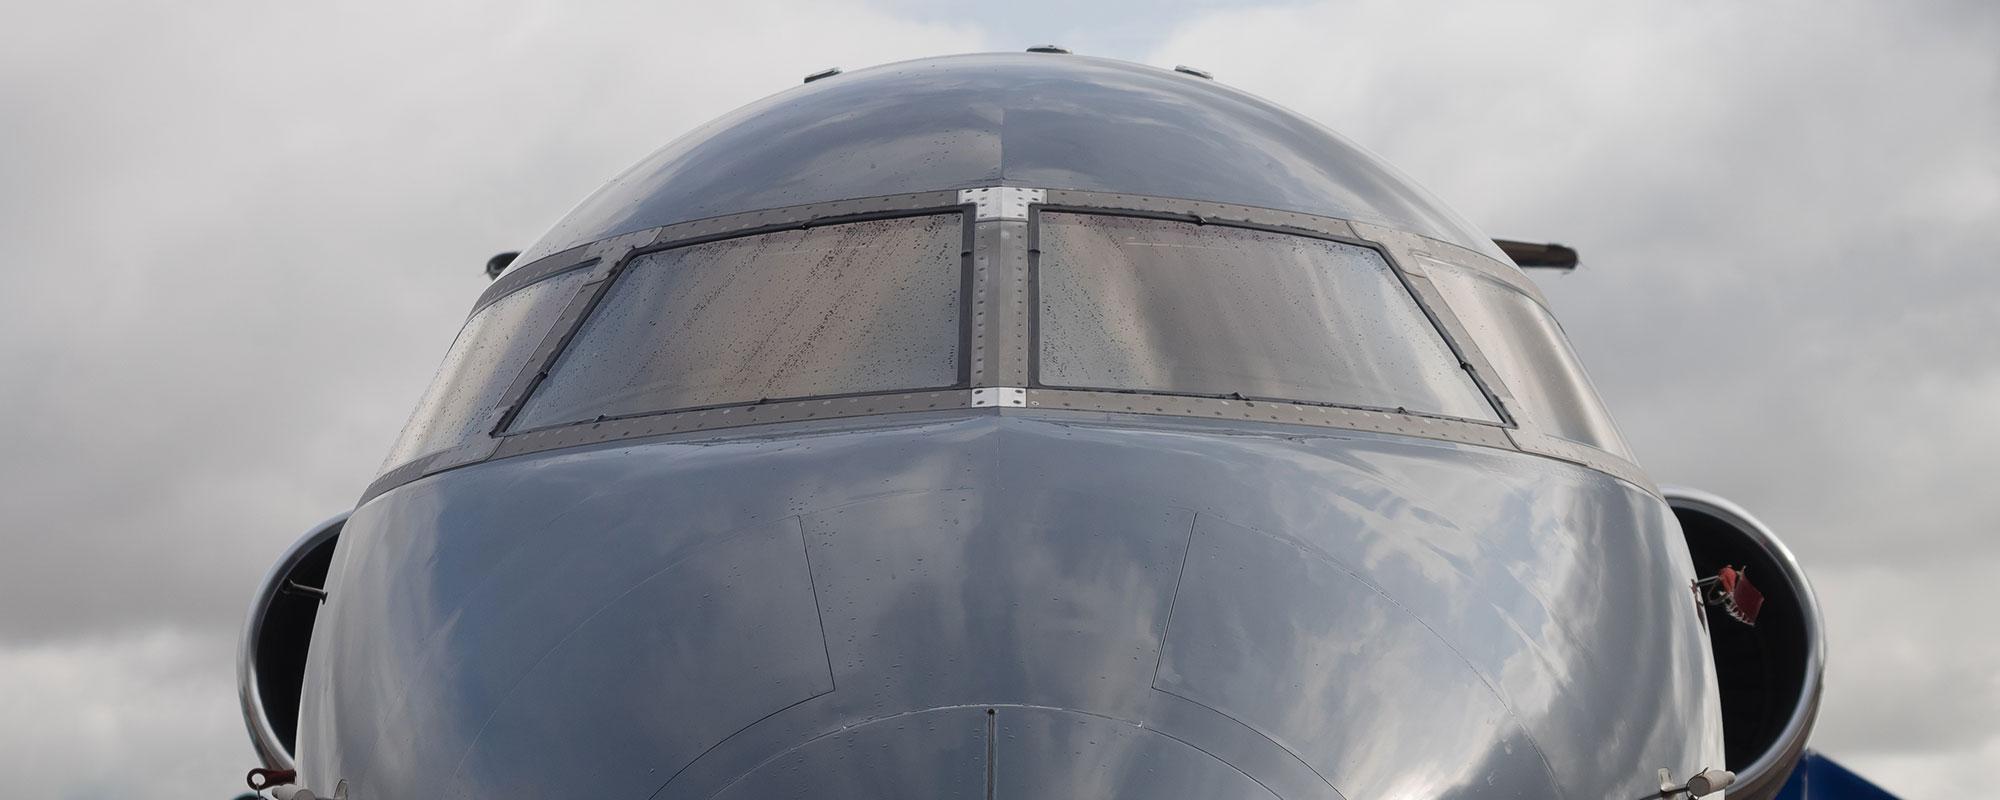 Lethal Avionics